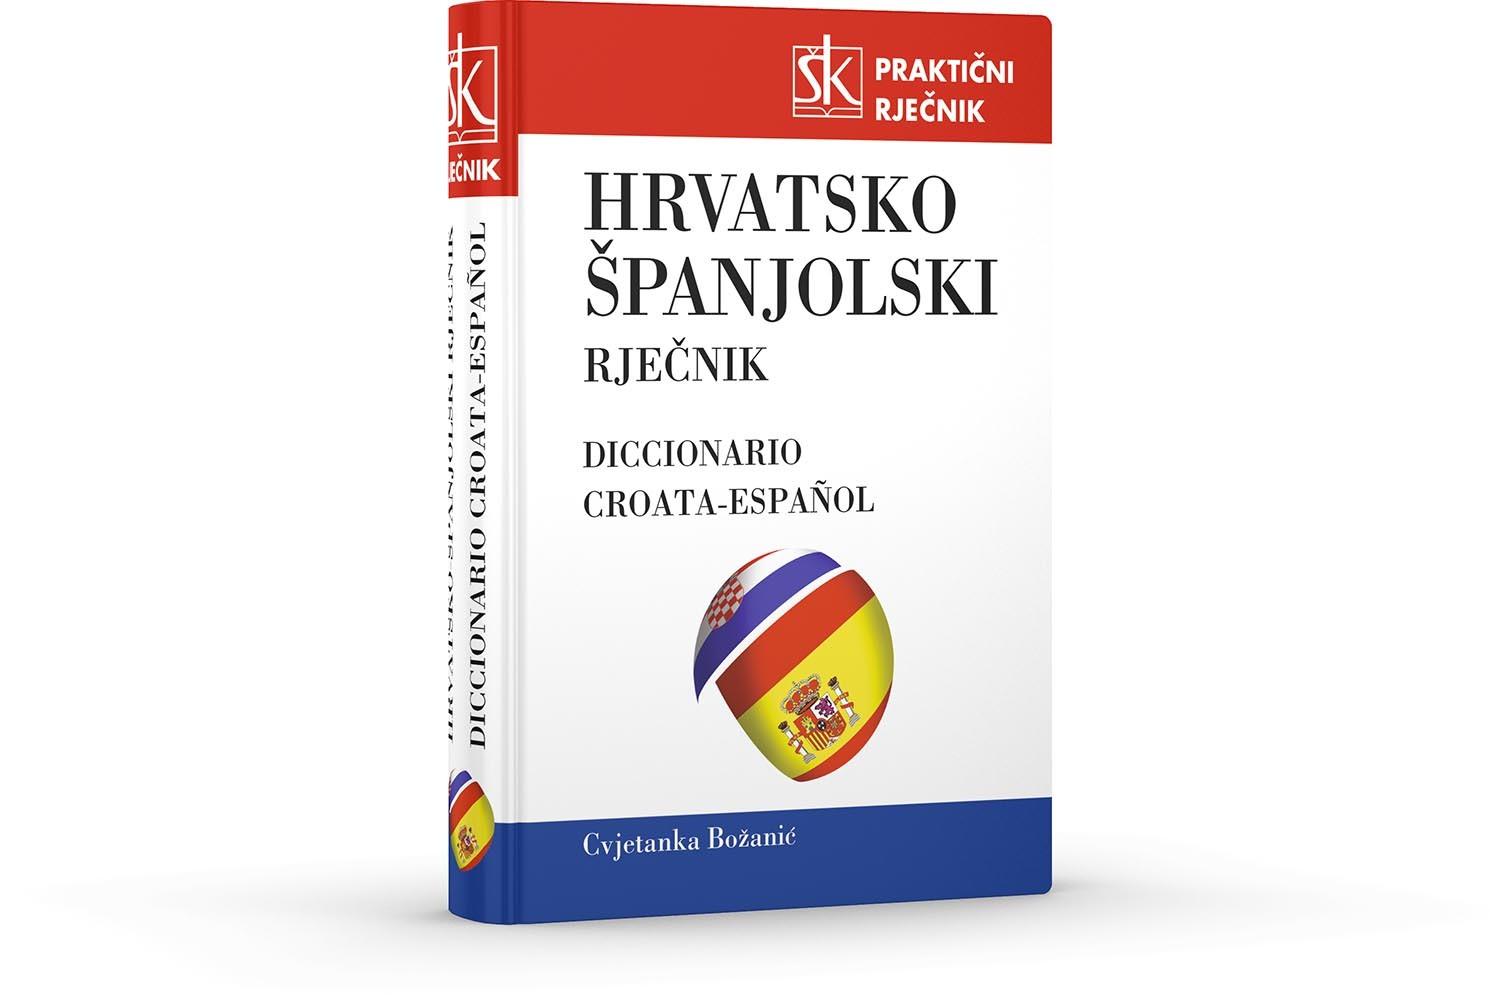 Hrvatsko-španjolski praktični rječnik